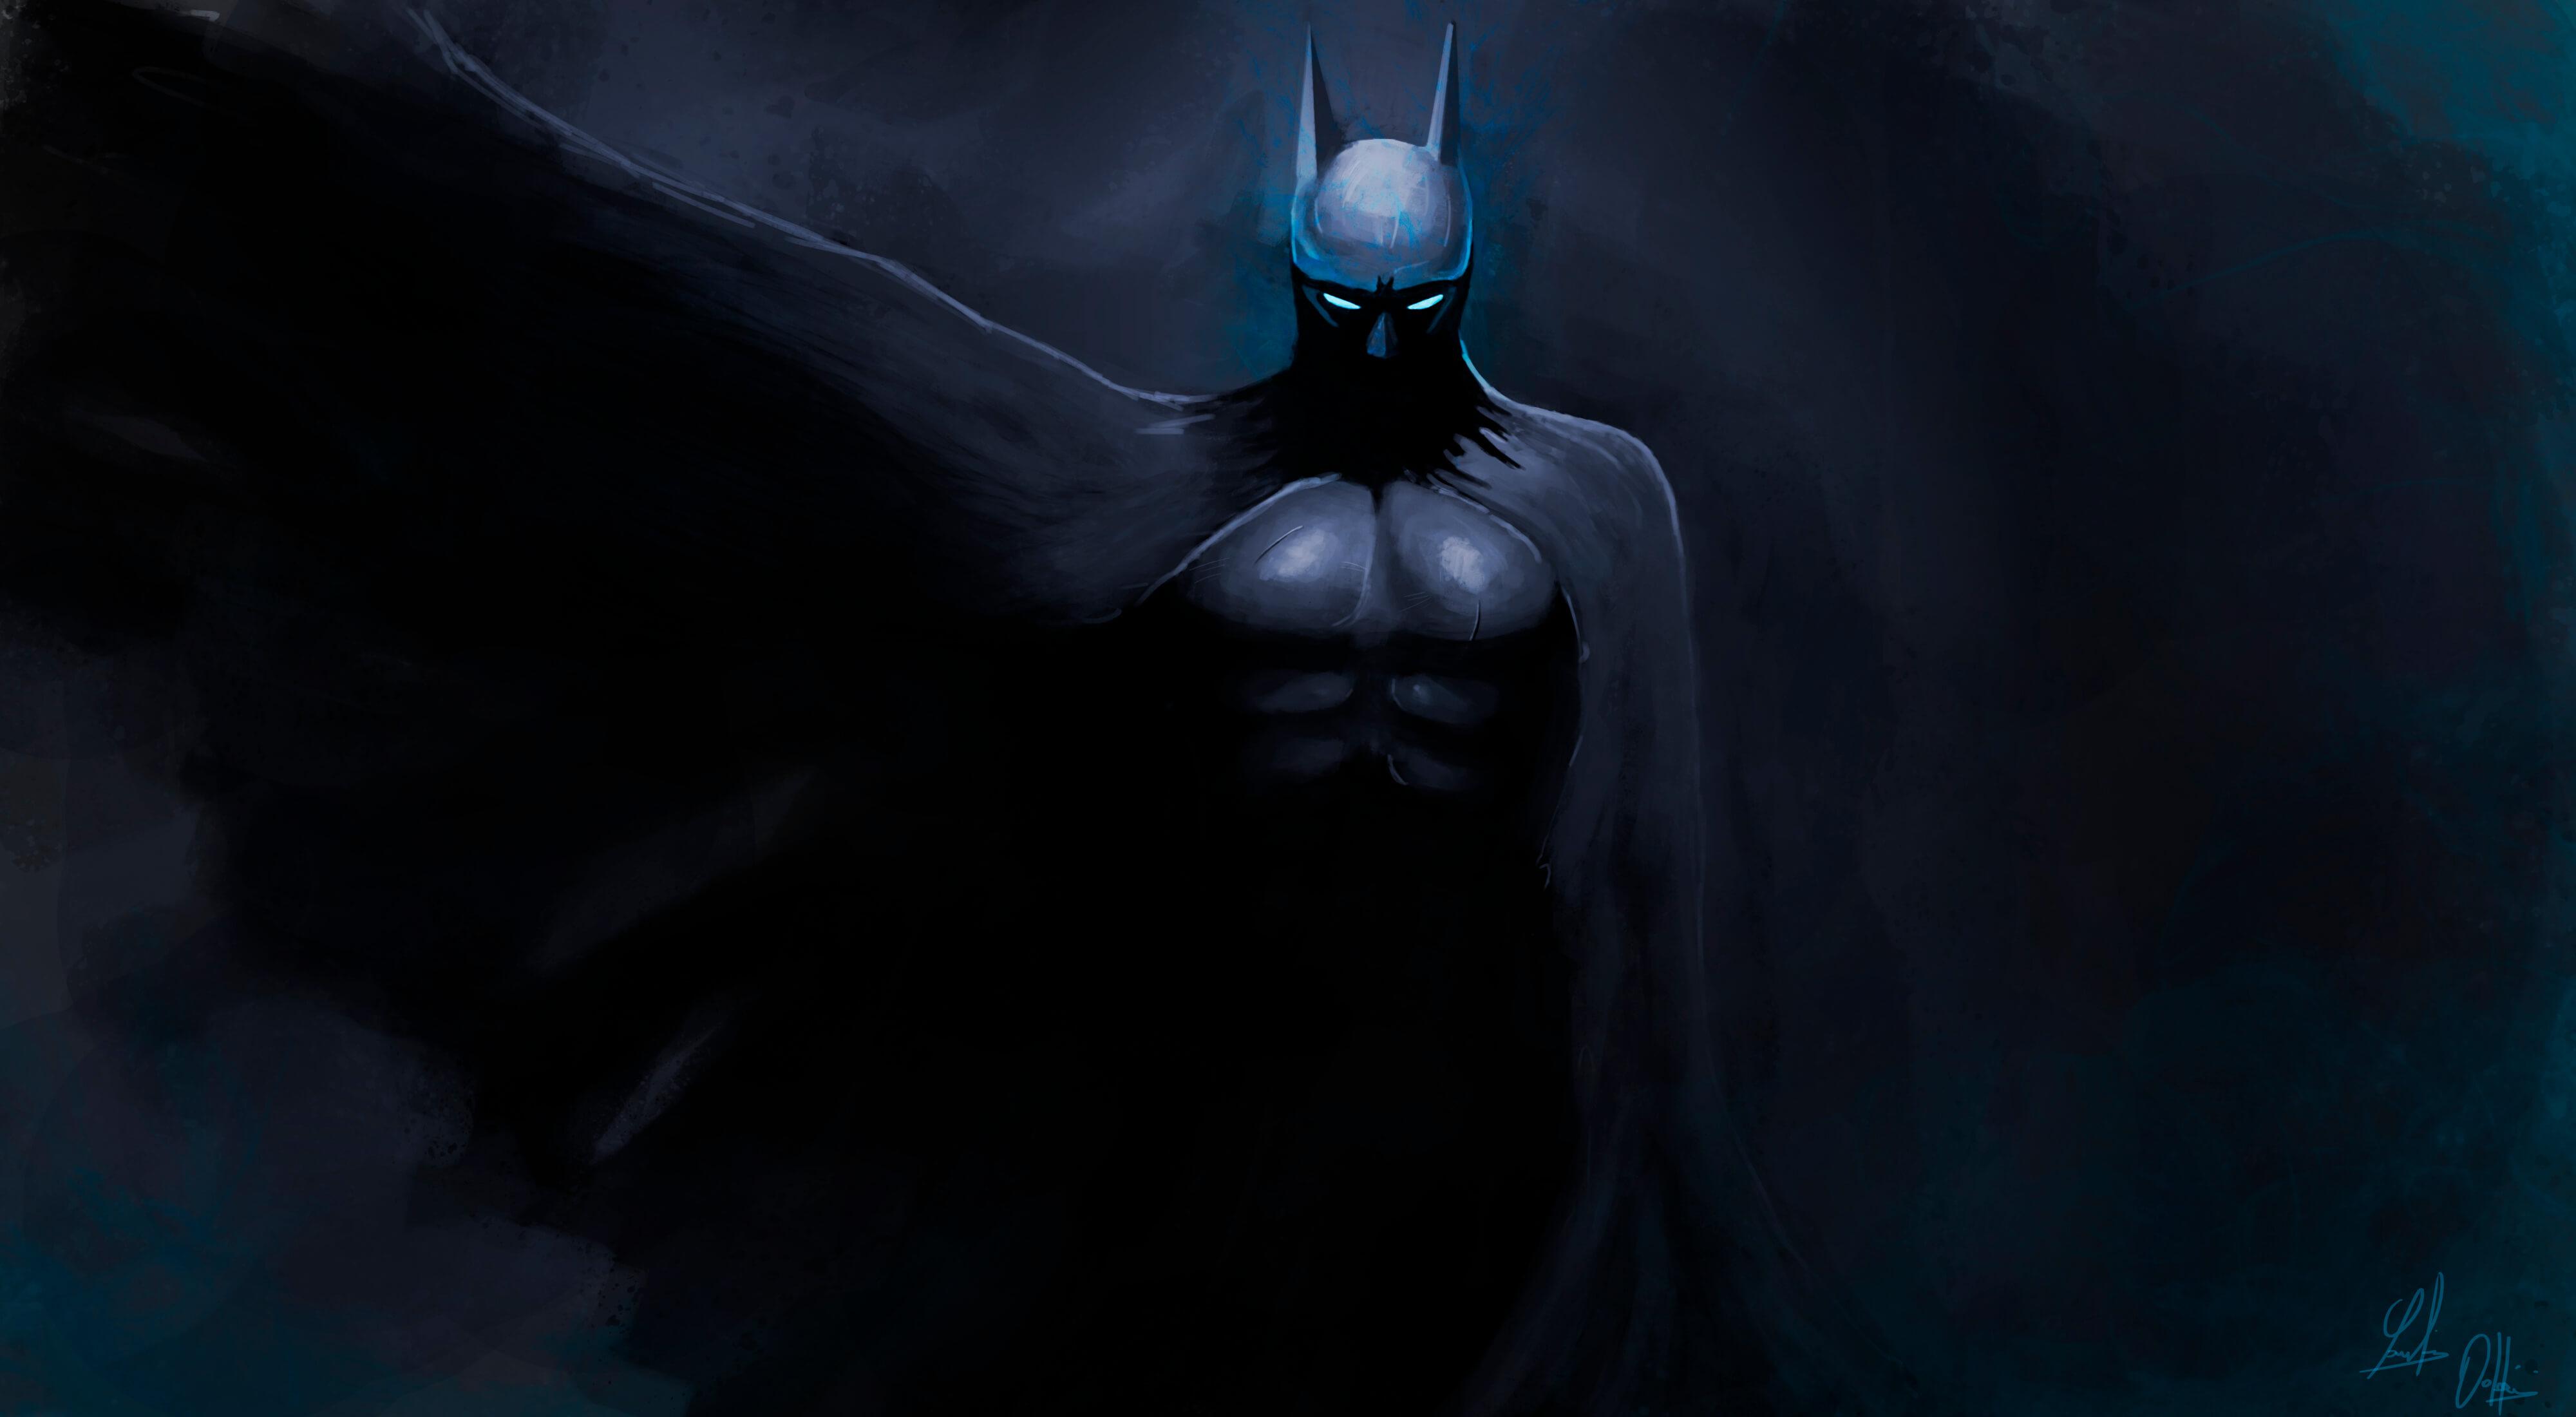 Красивые картинки бэтмен в хорошем качестве 17